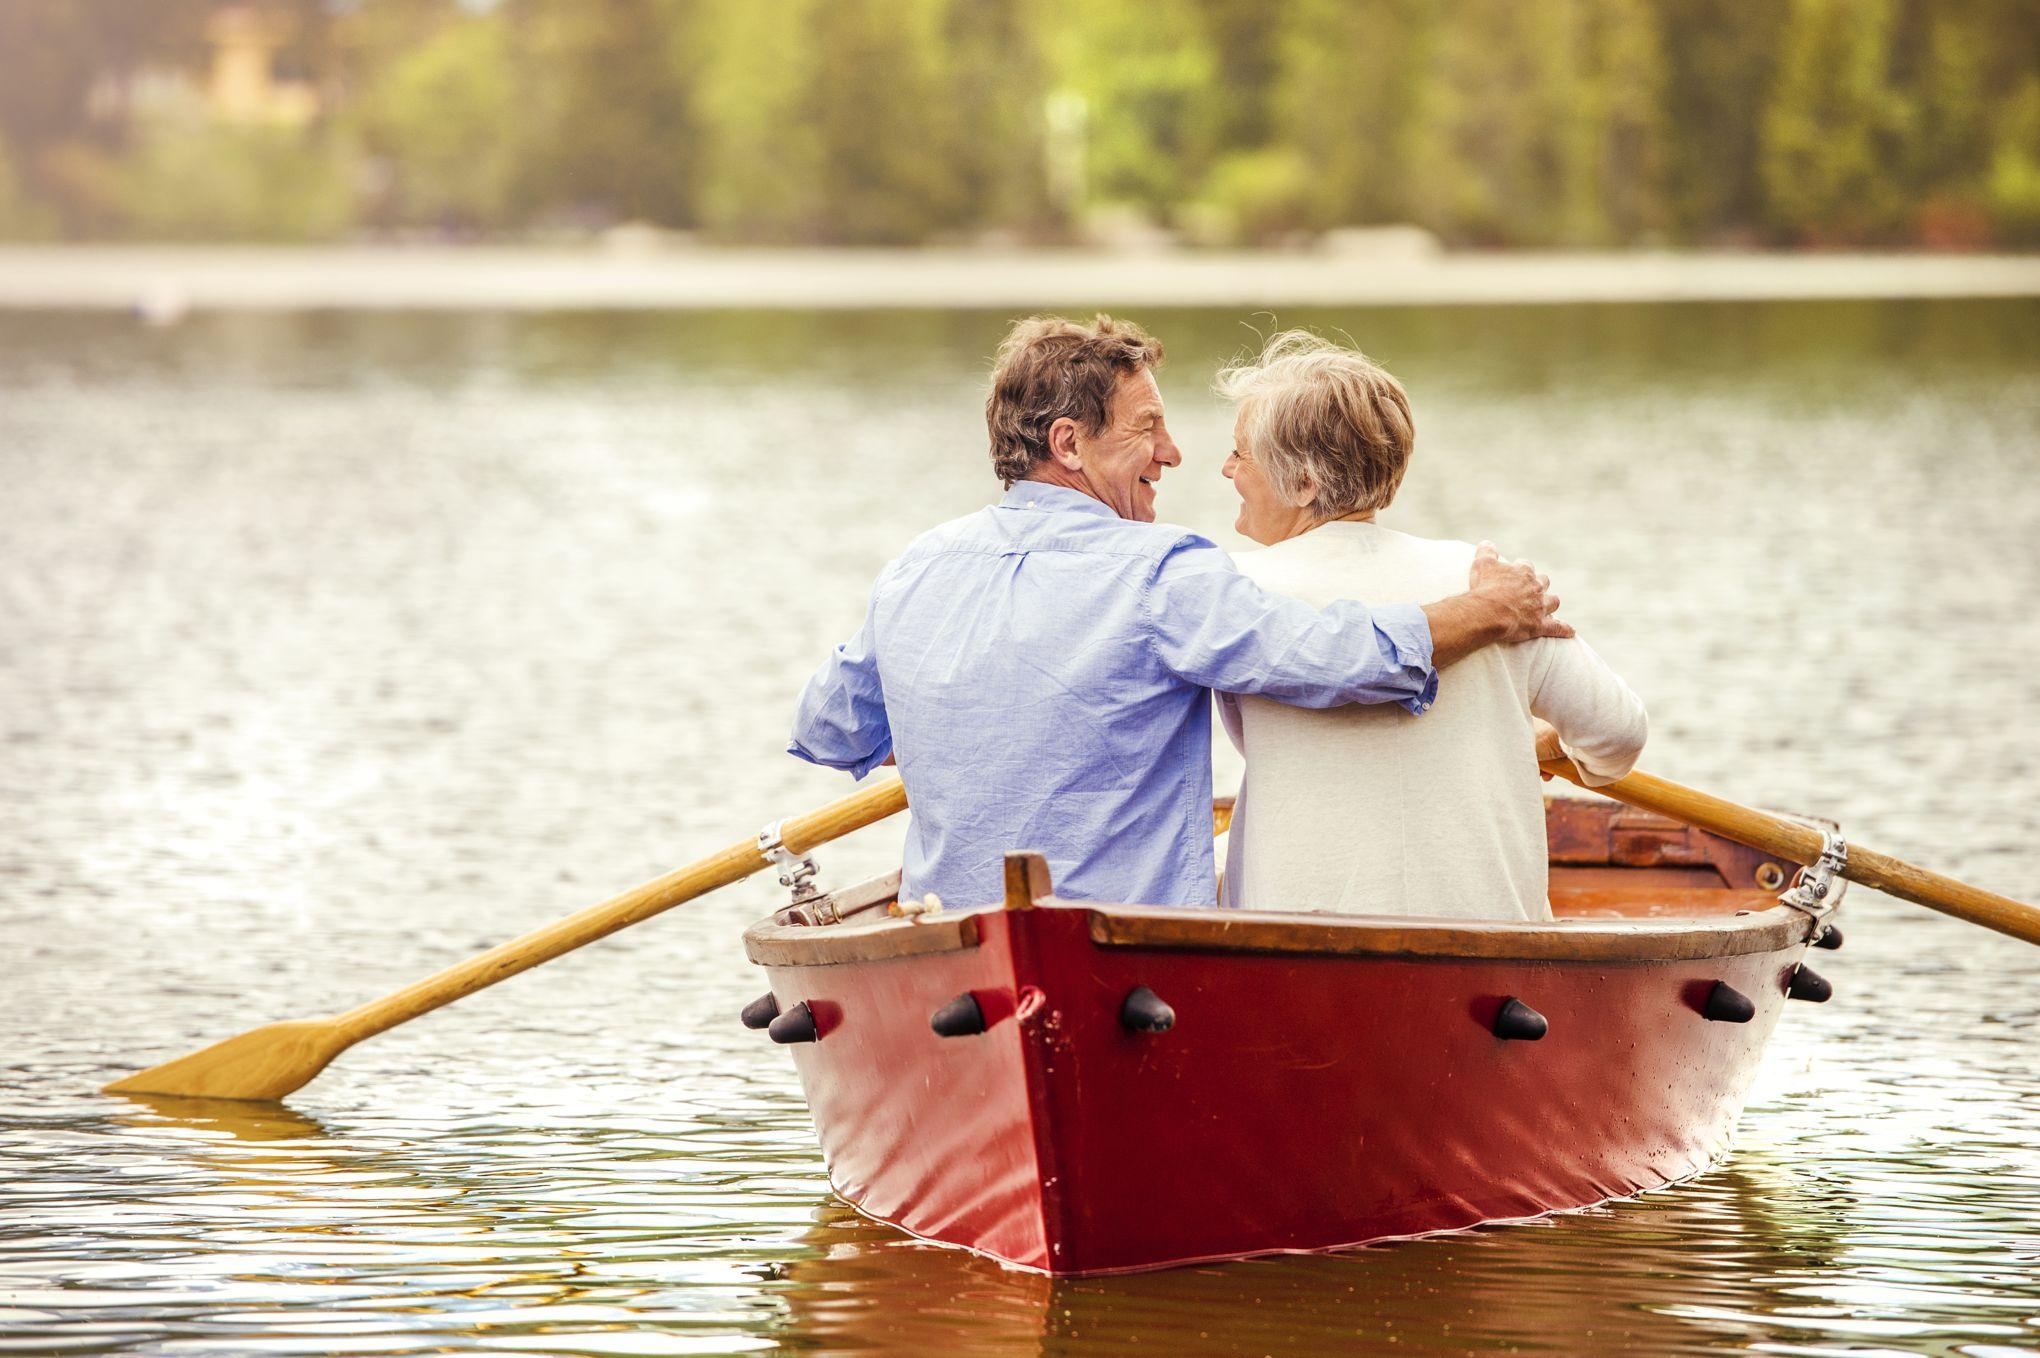 Quels sont les effets de la datation longue distance sur les relations essai